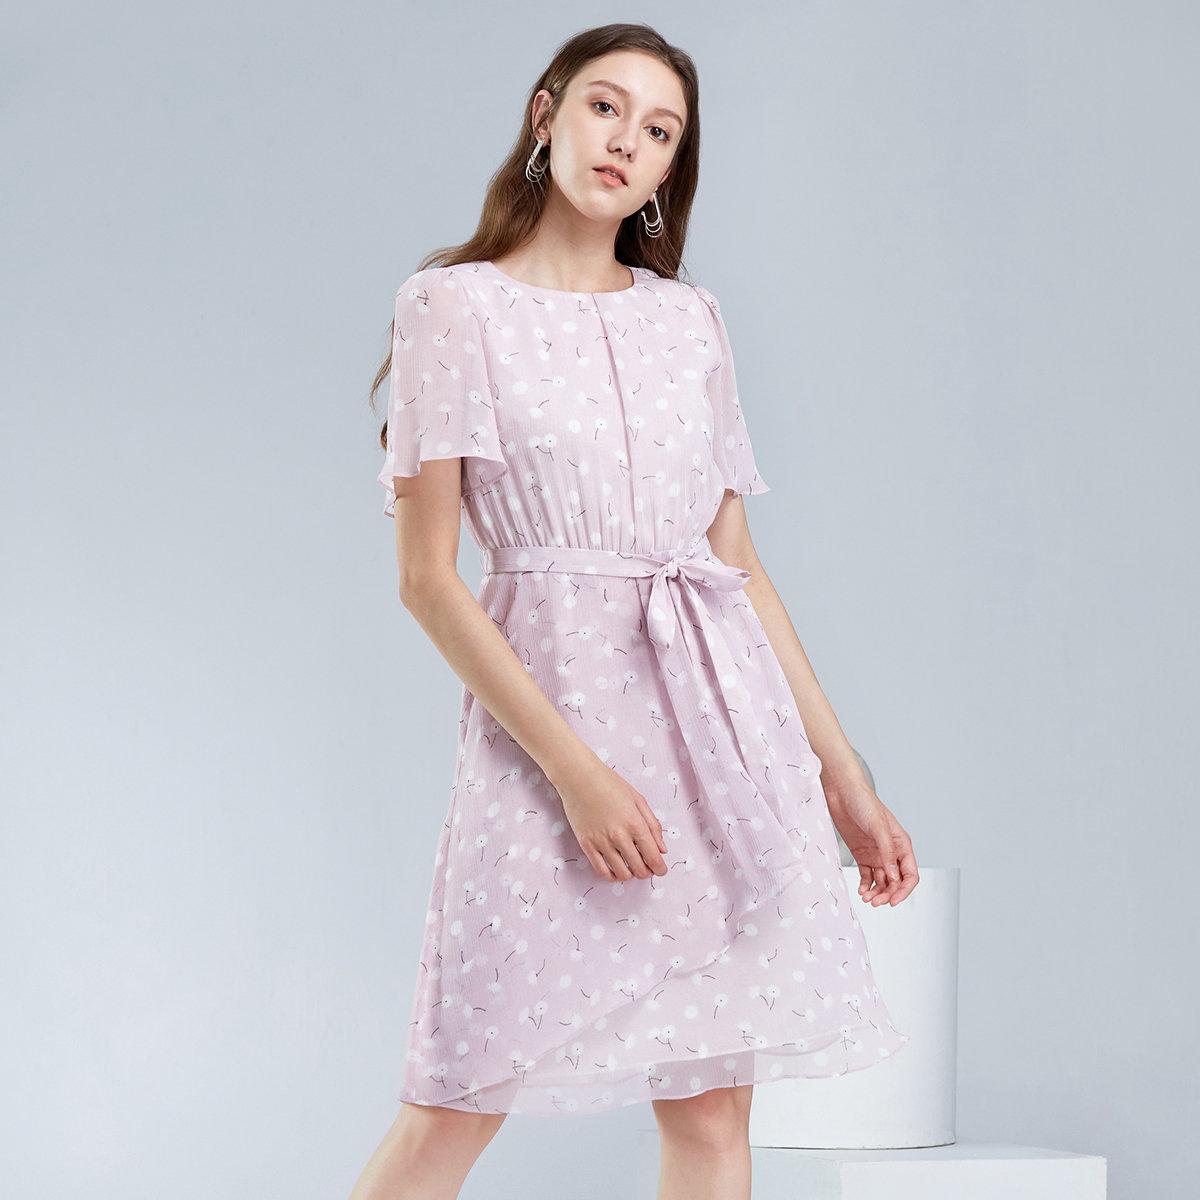 WOMEN'S CHIFFON DRESS(pink)